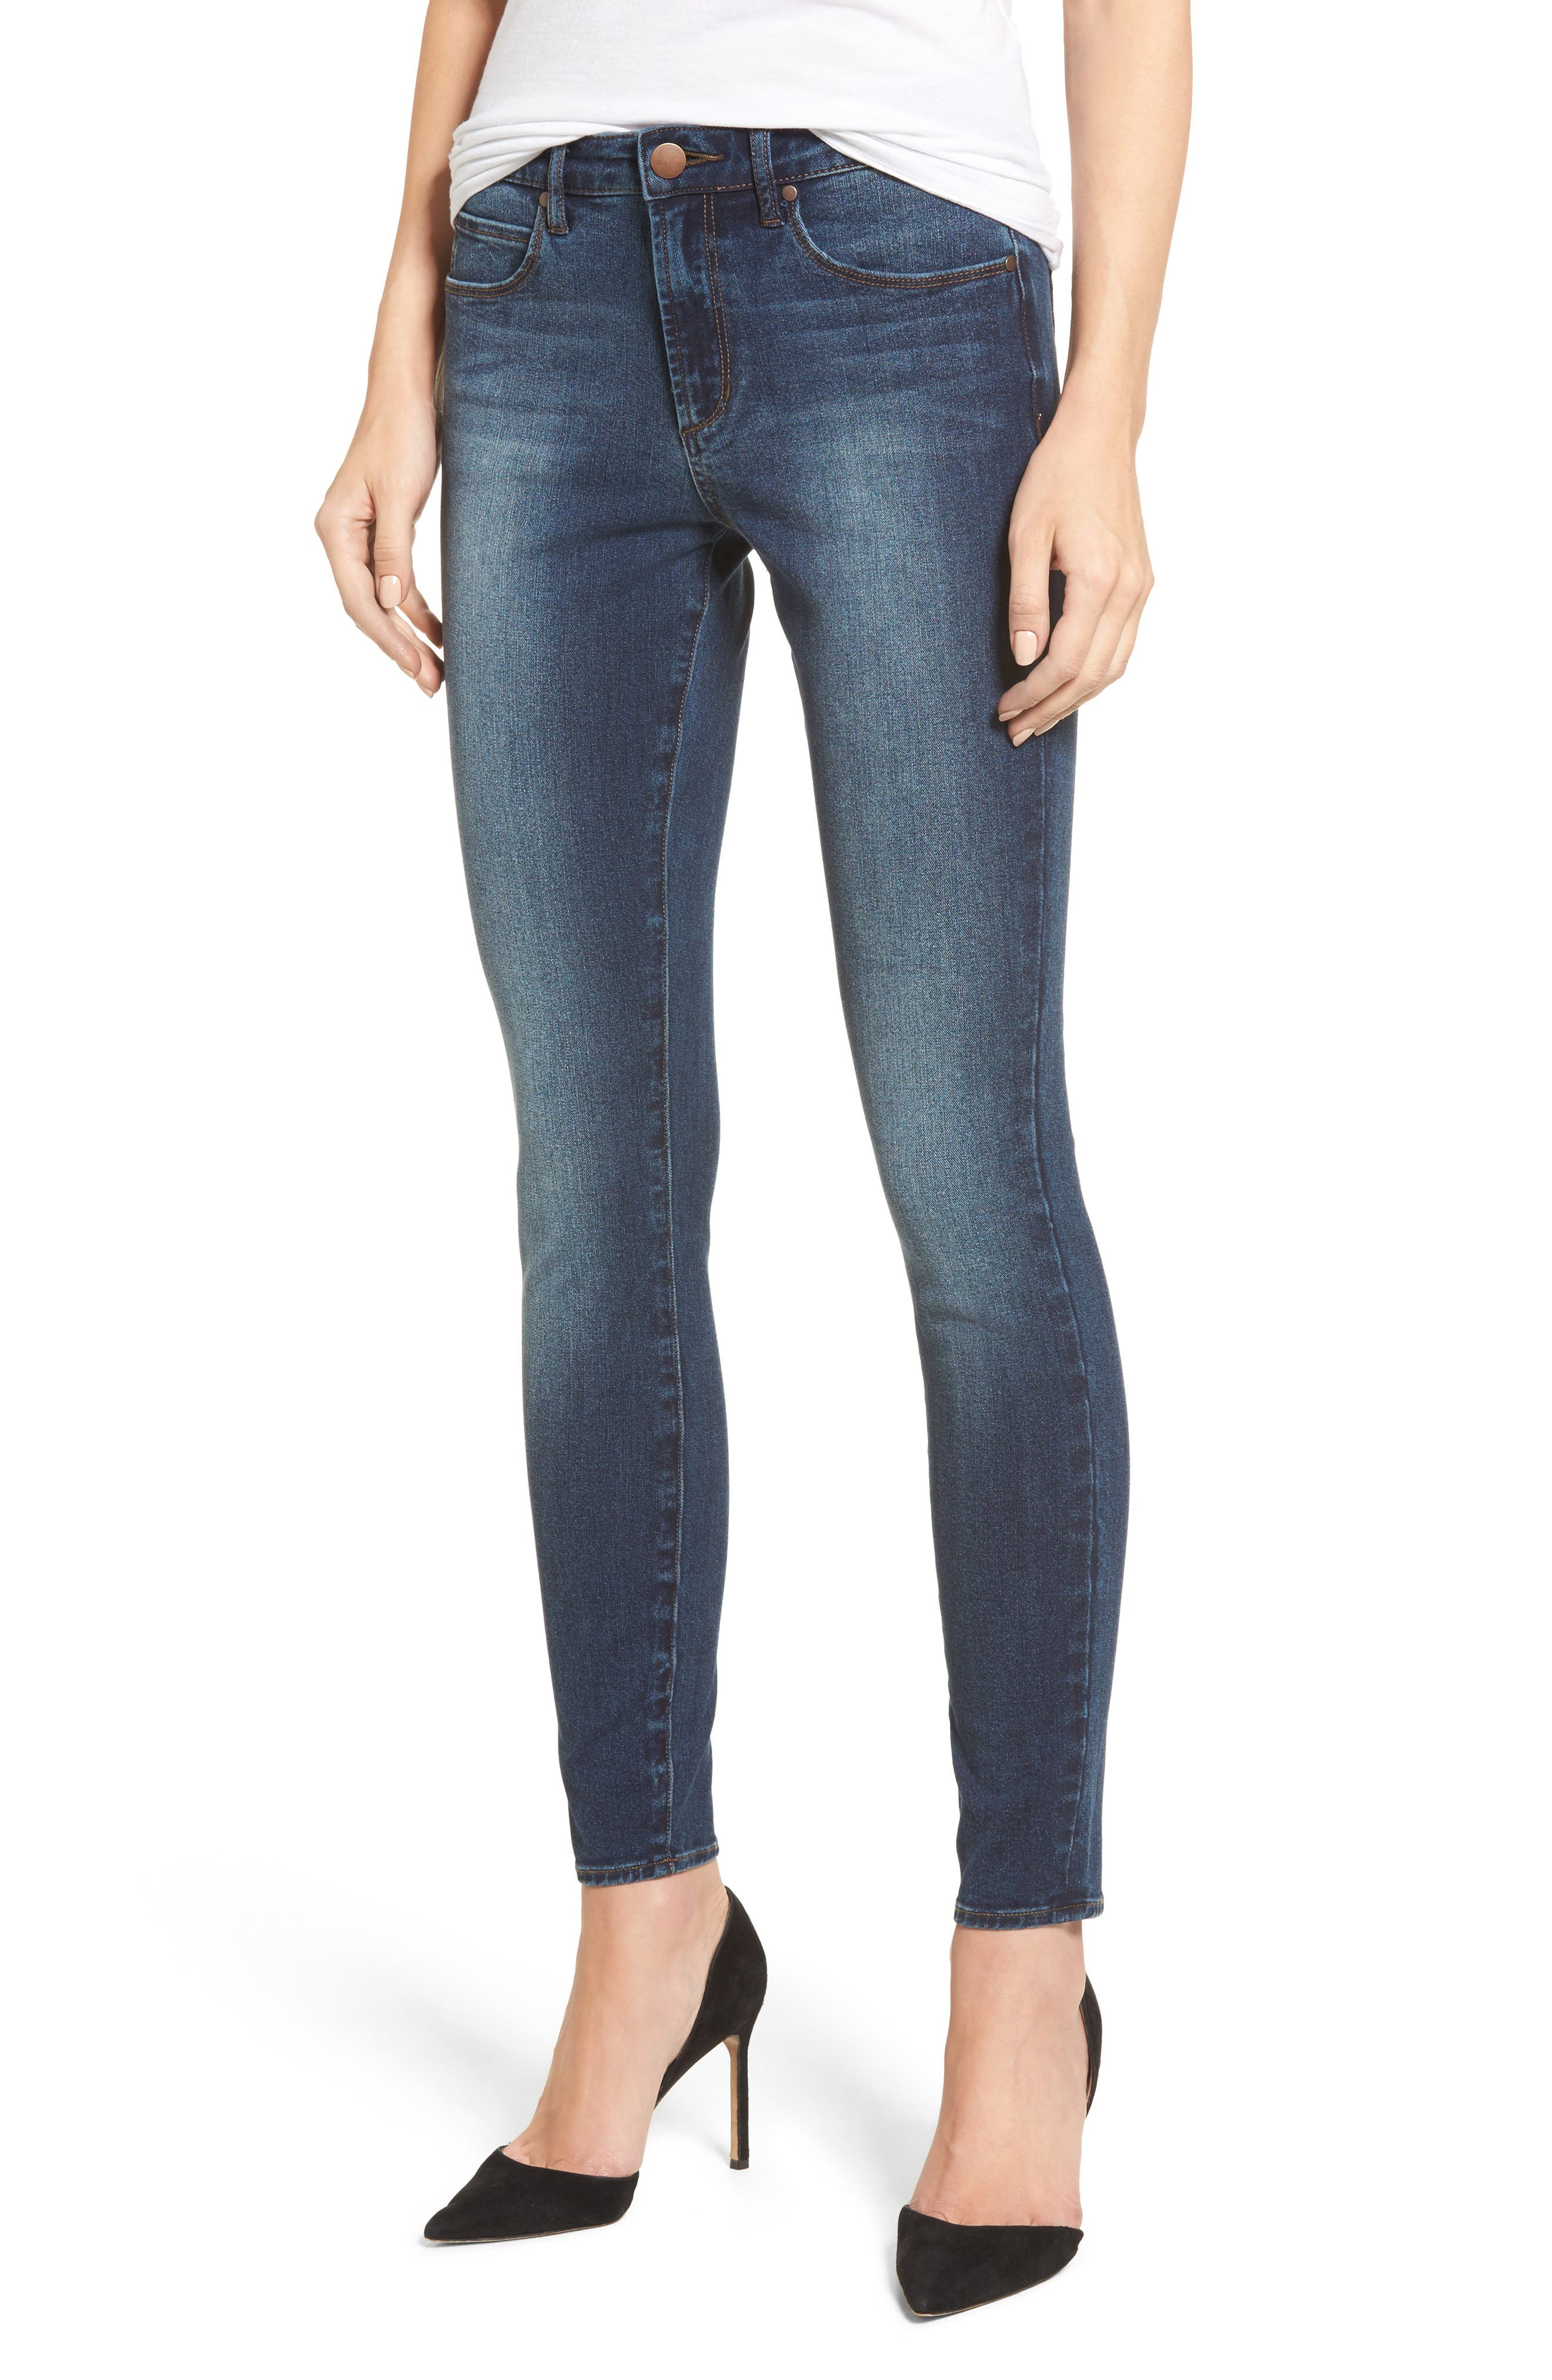 Leith High Waist Skinny Jeans